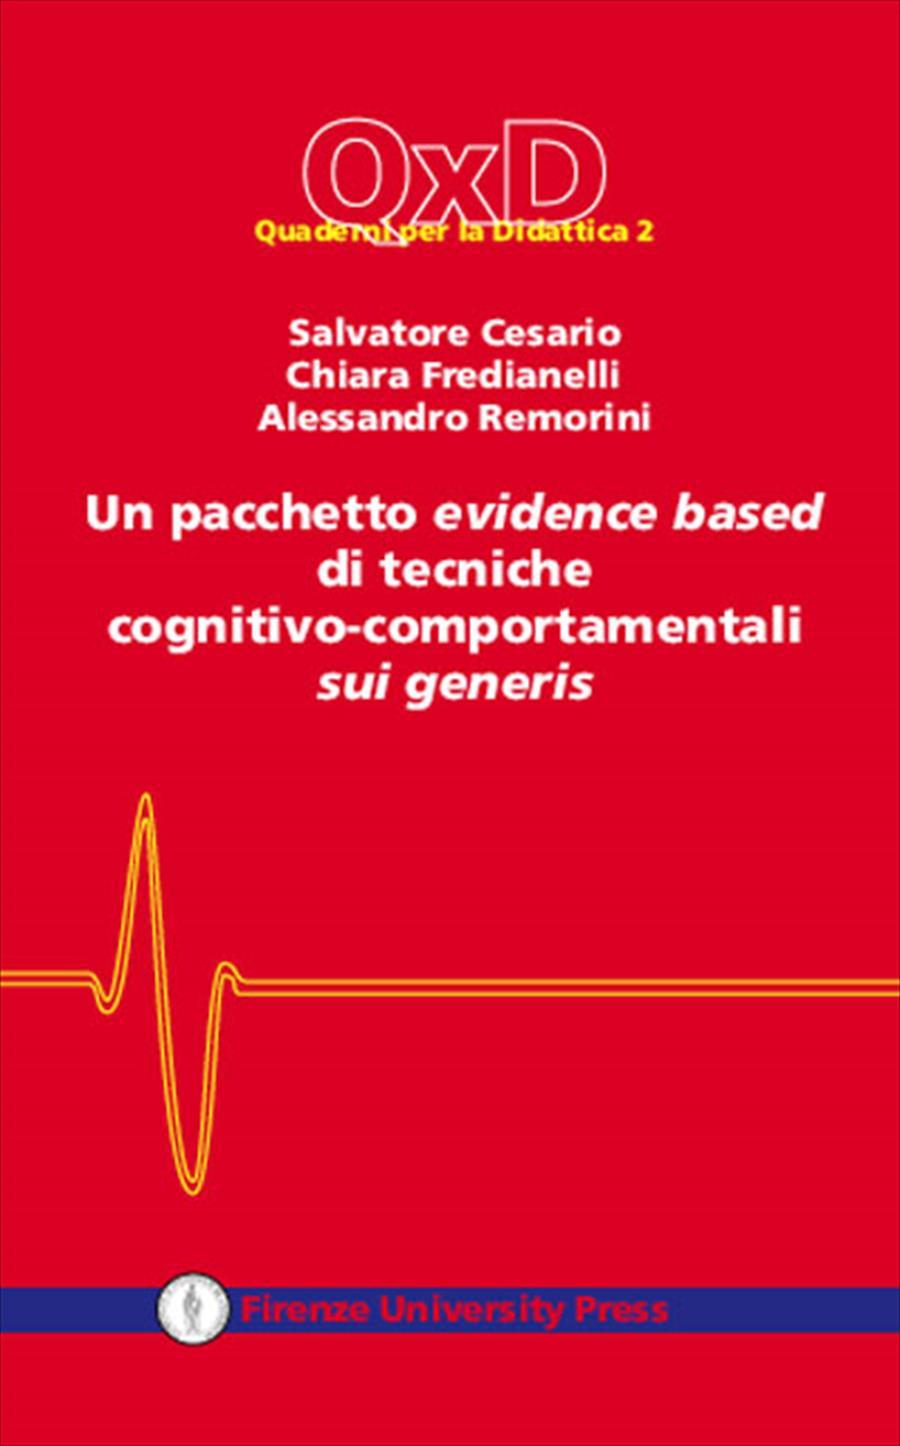 Un pacchetto evidence based di tecniche cognitivo-comportamentali sui generis